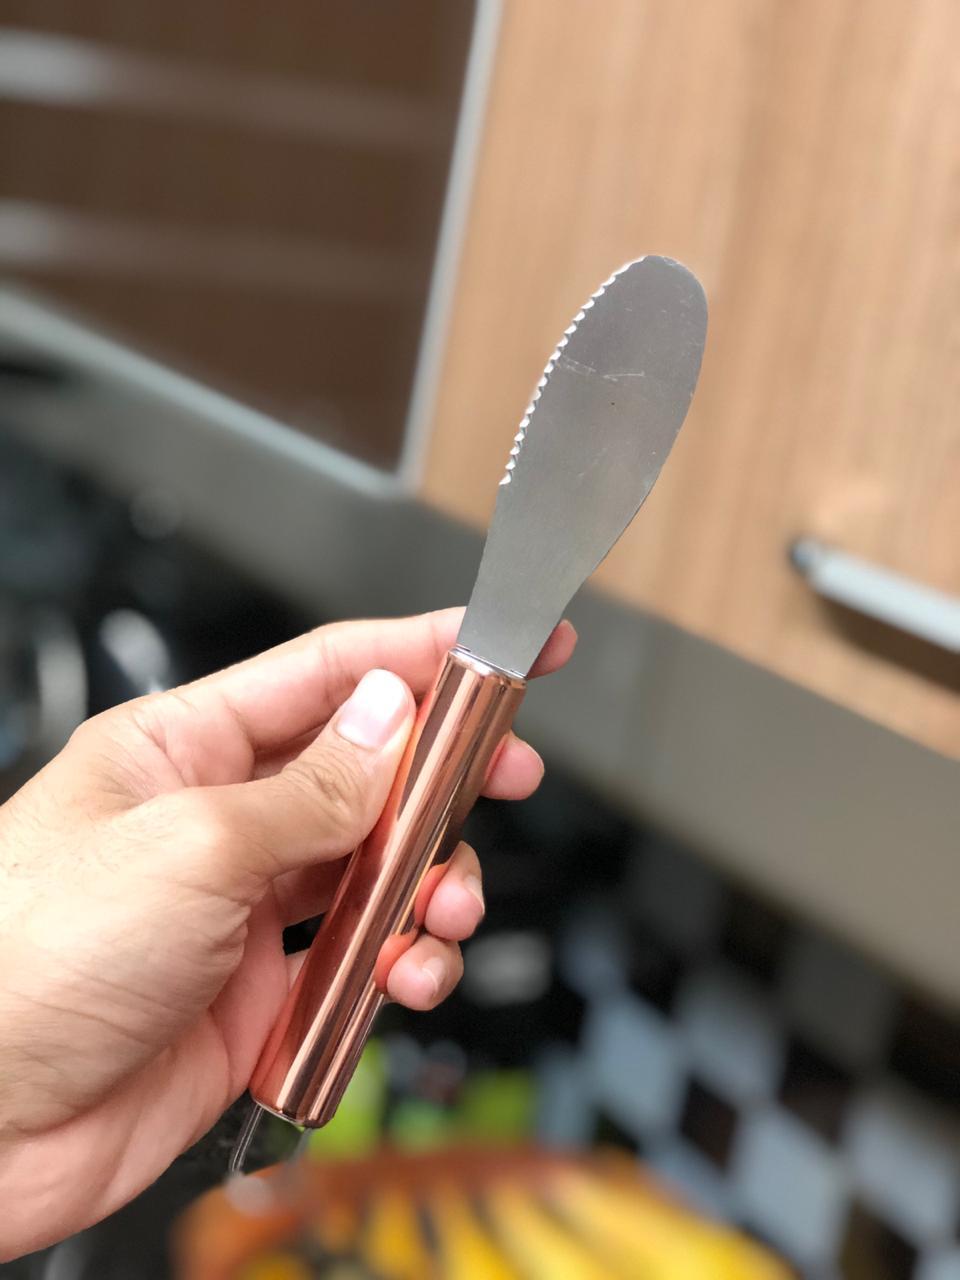 Espatula para manteiga pate geleia serrilhada rose aço inox 21cm